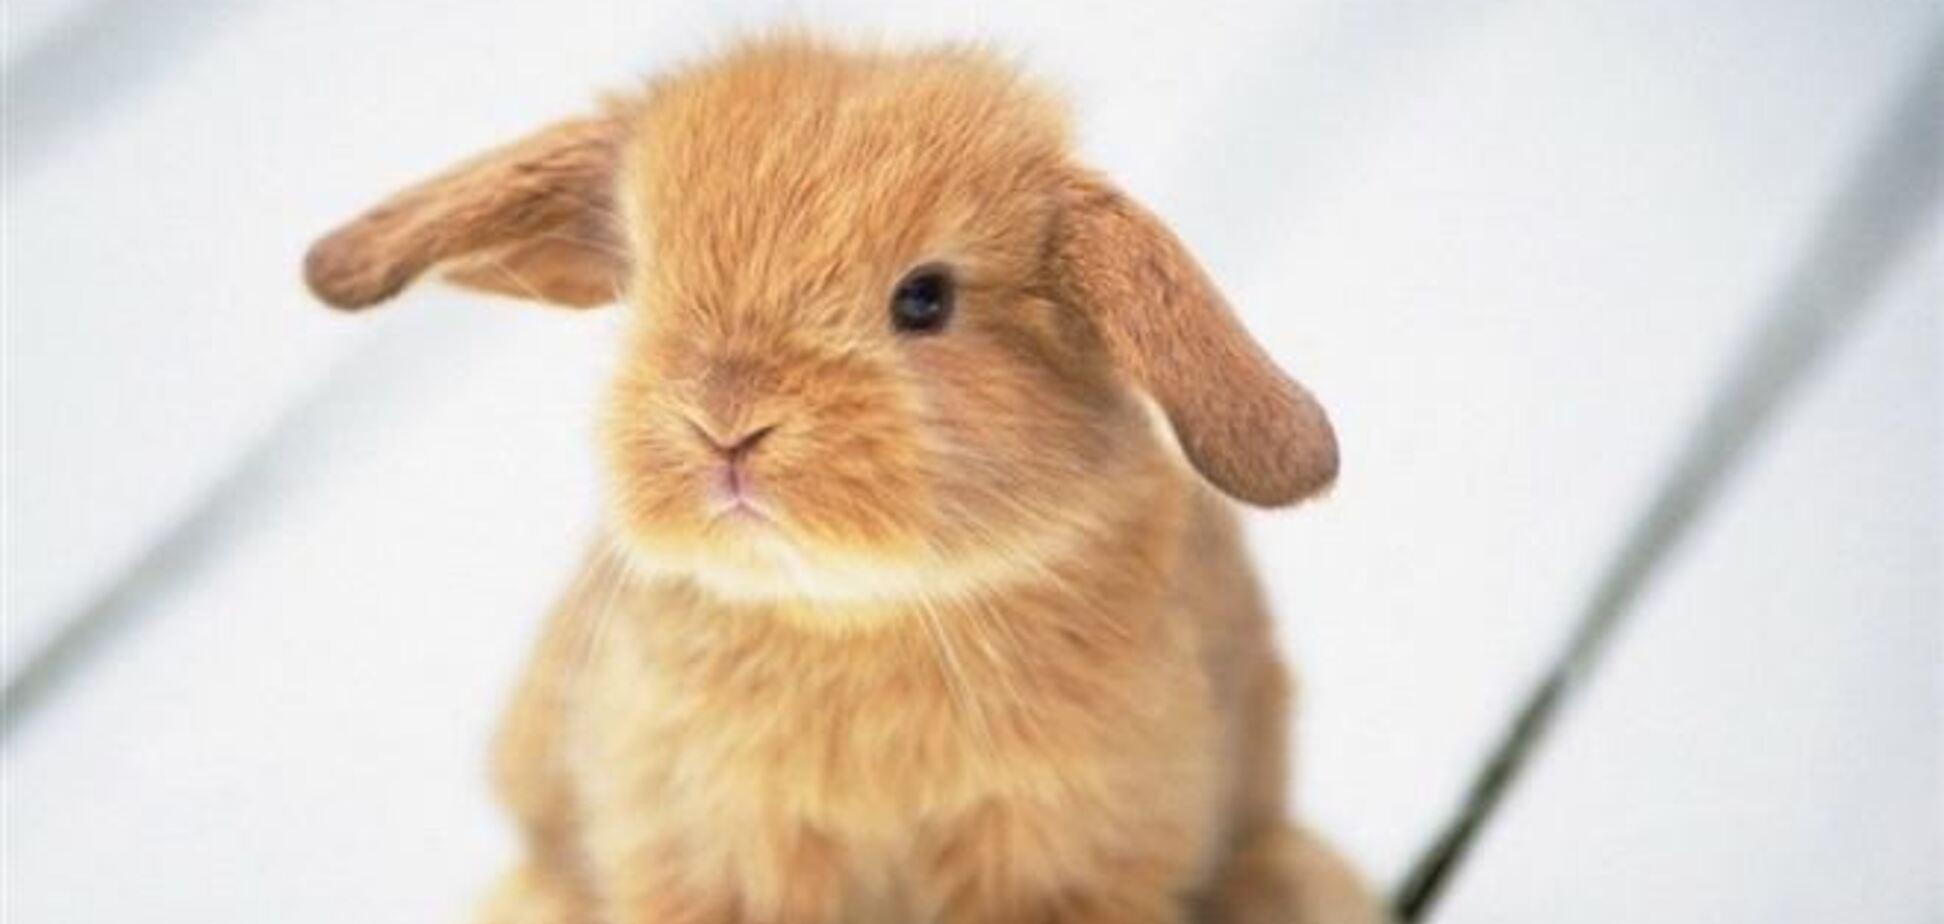 Кролики раскопали древние артефакты в Великобритании